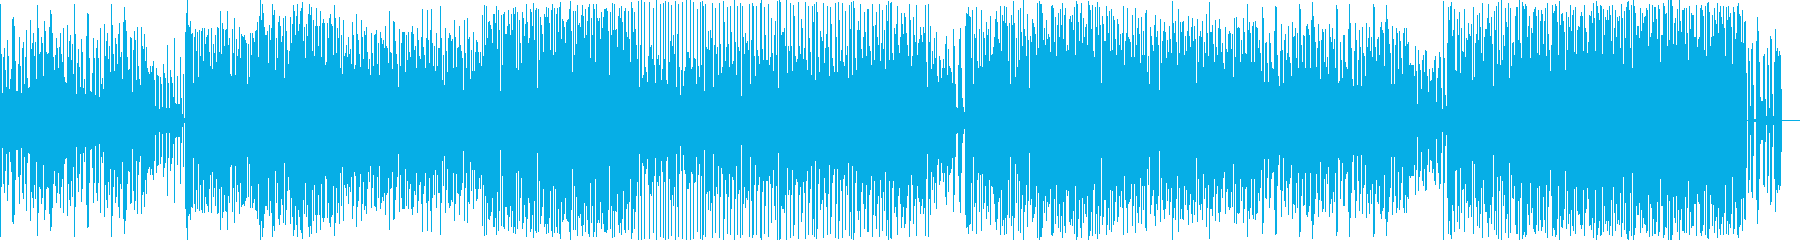 ブラジル 楽しげ エスニック ファ...の再生済みの波形